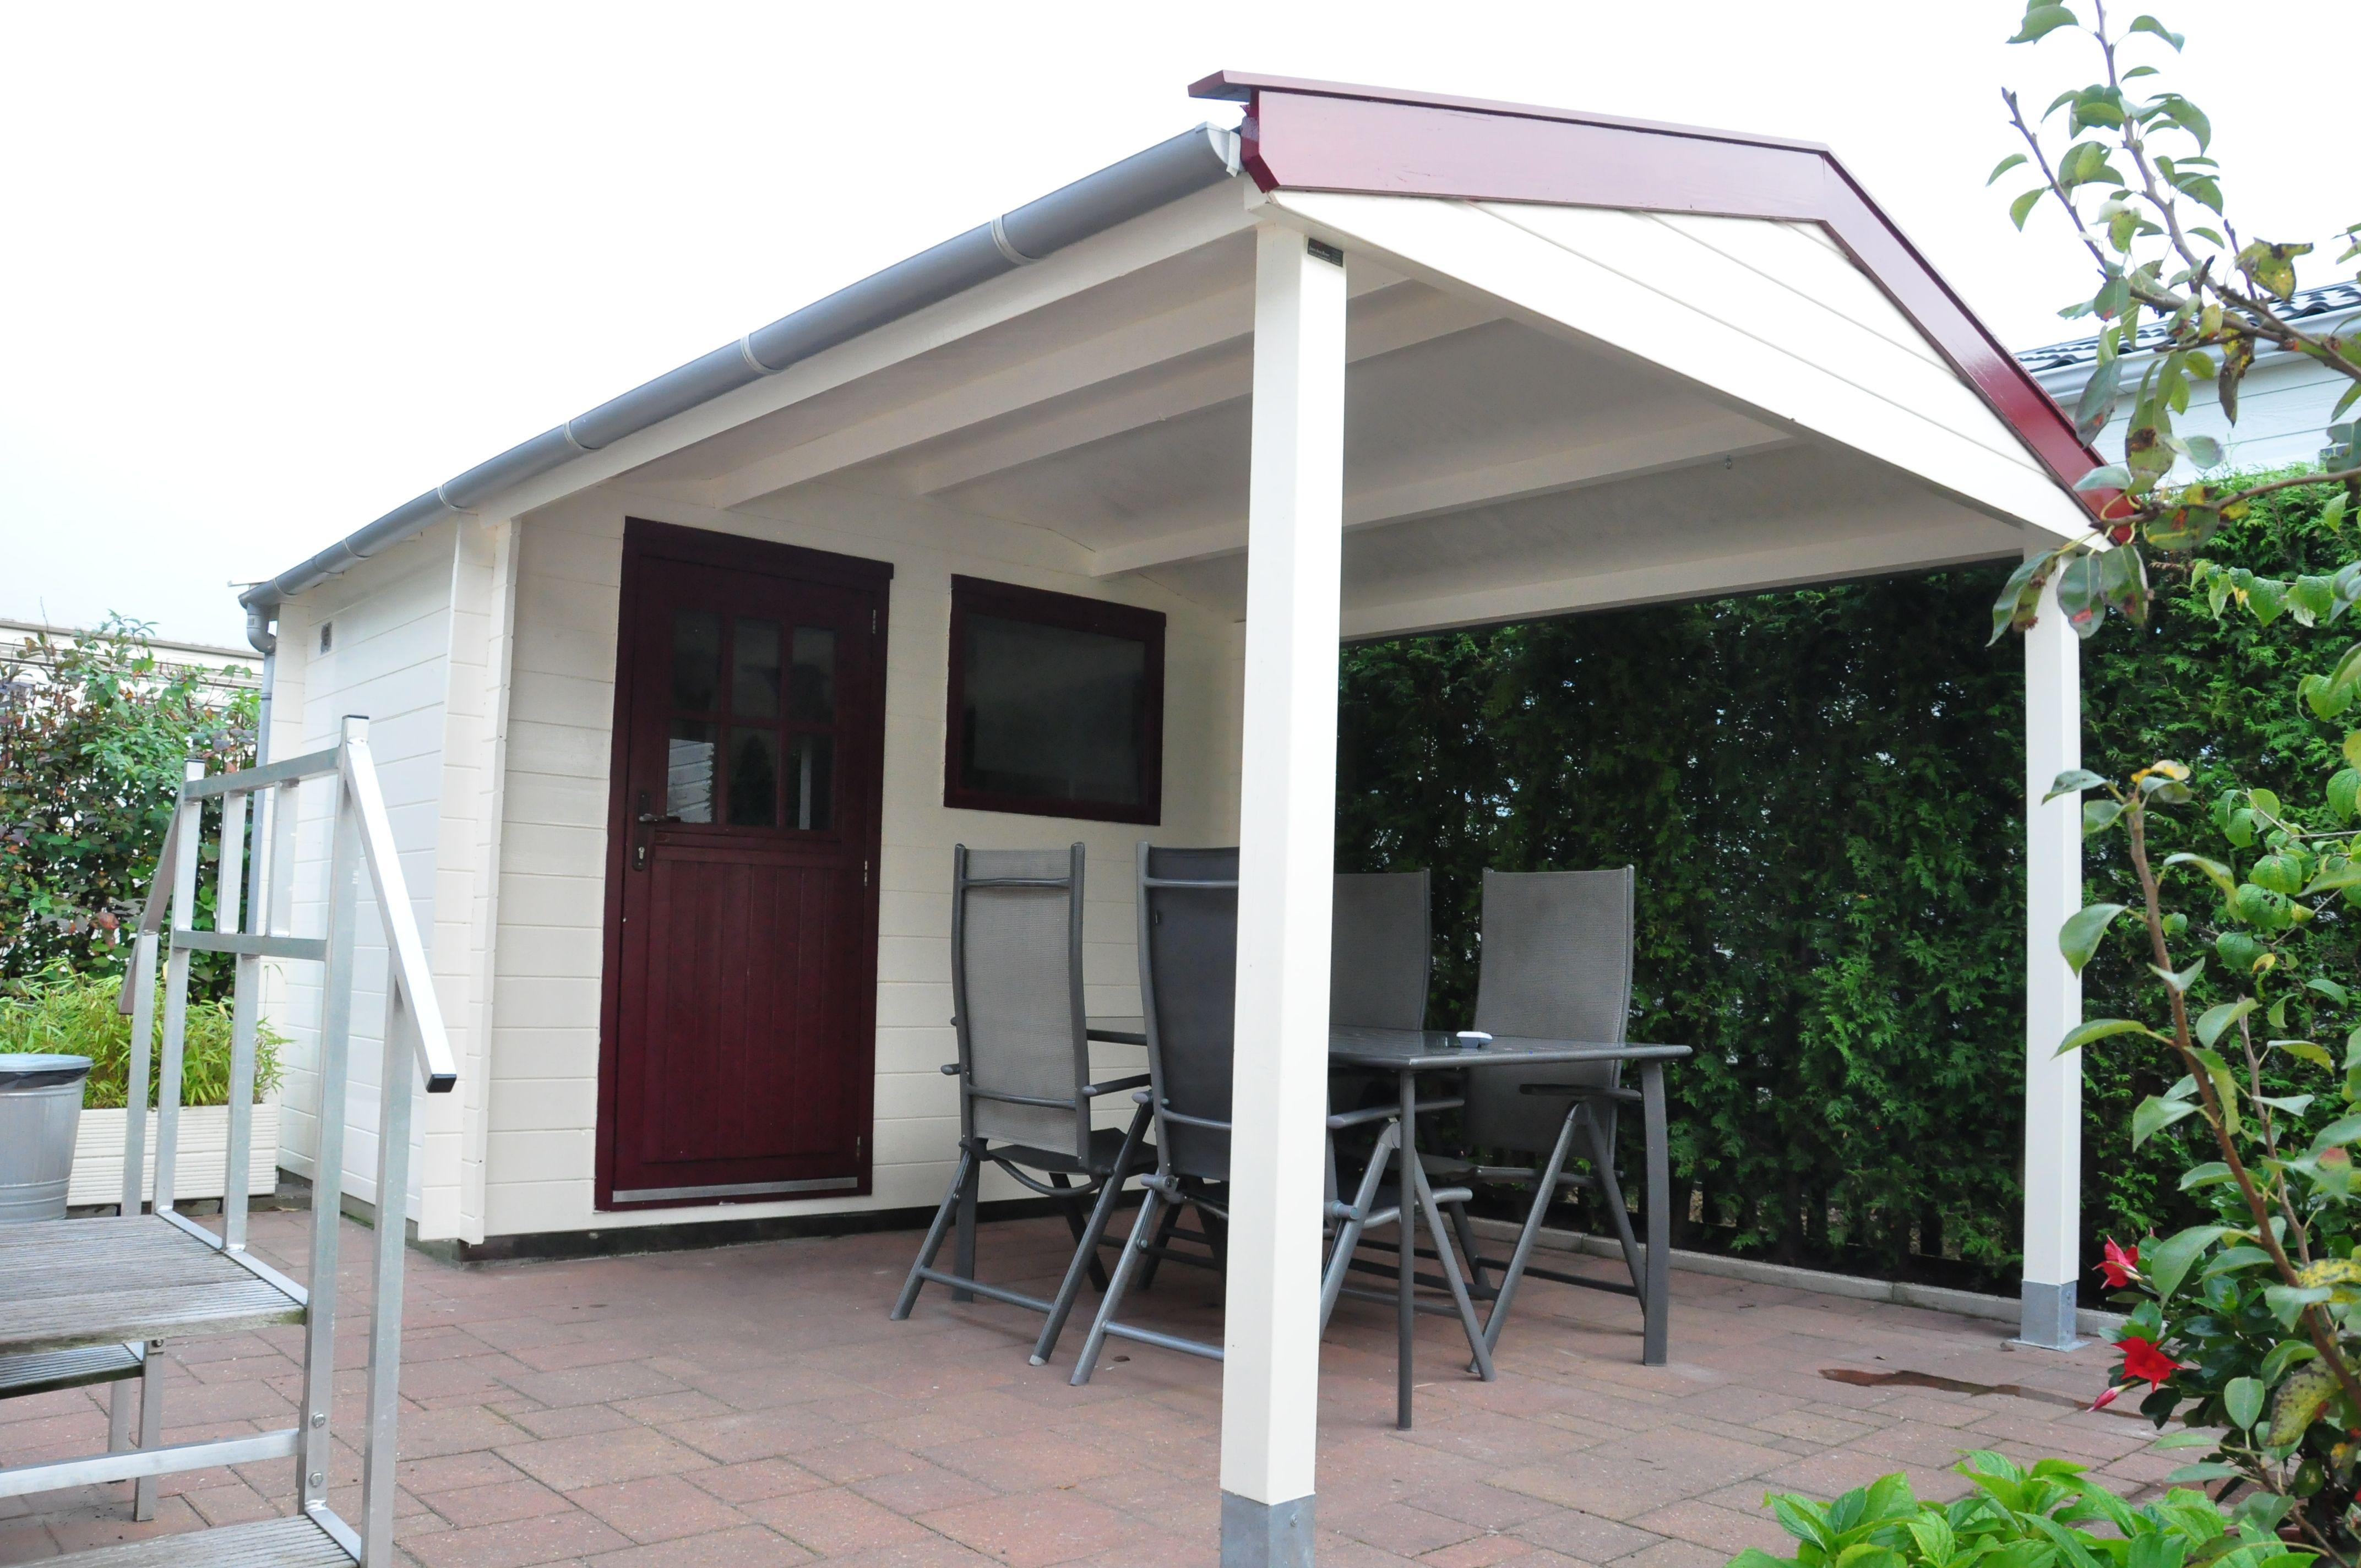 Dak van tuinhuis vervangen en verlengd veranda overkapping